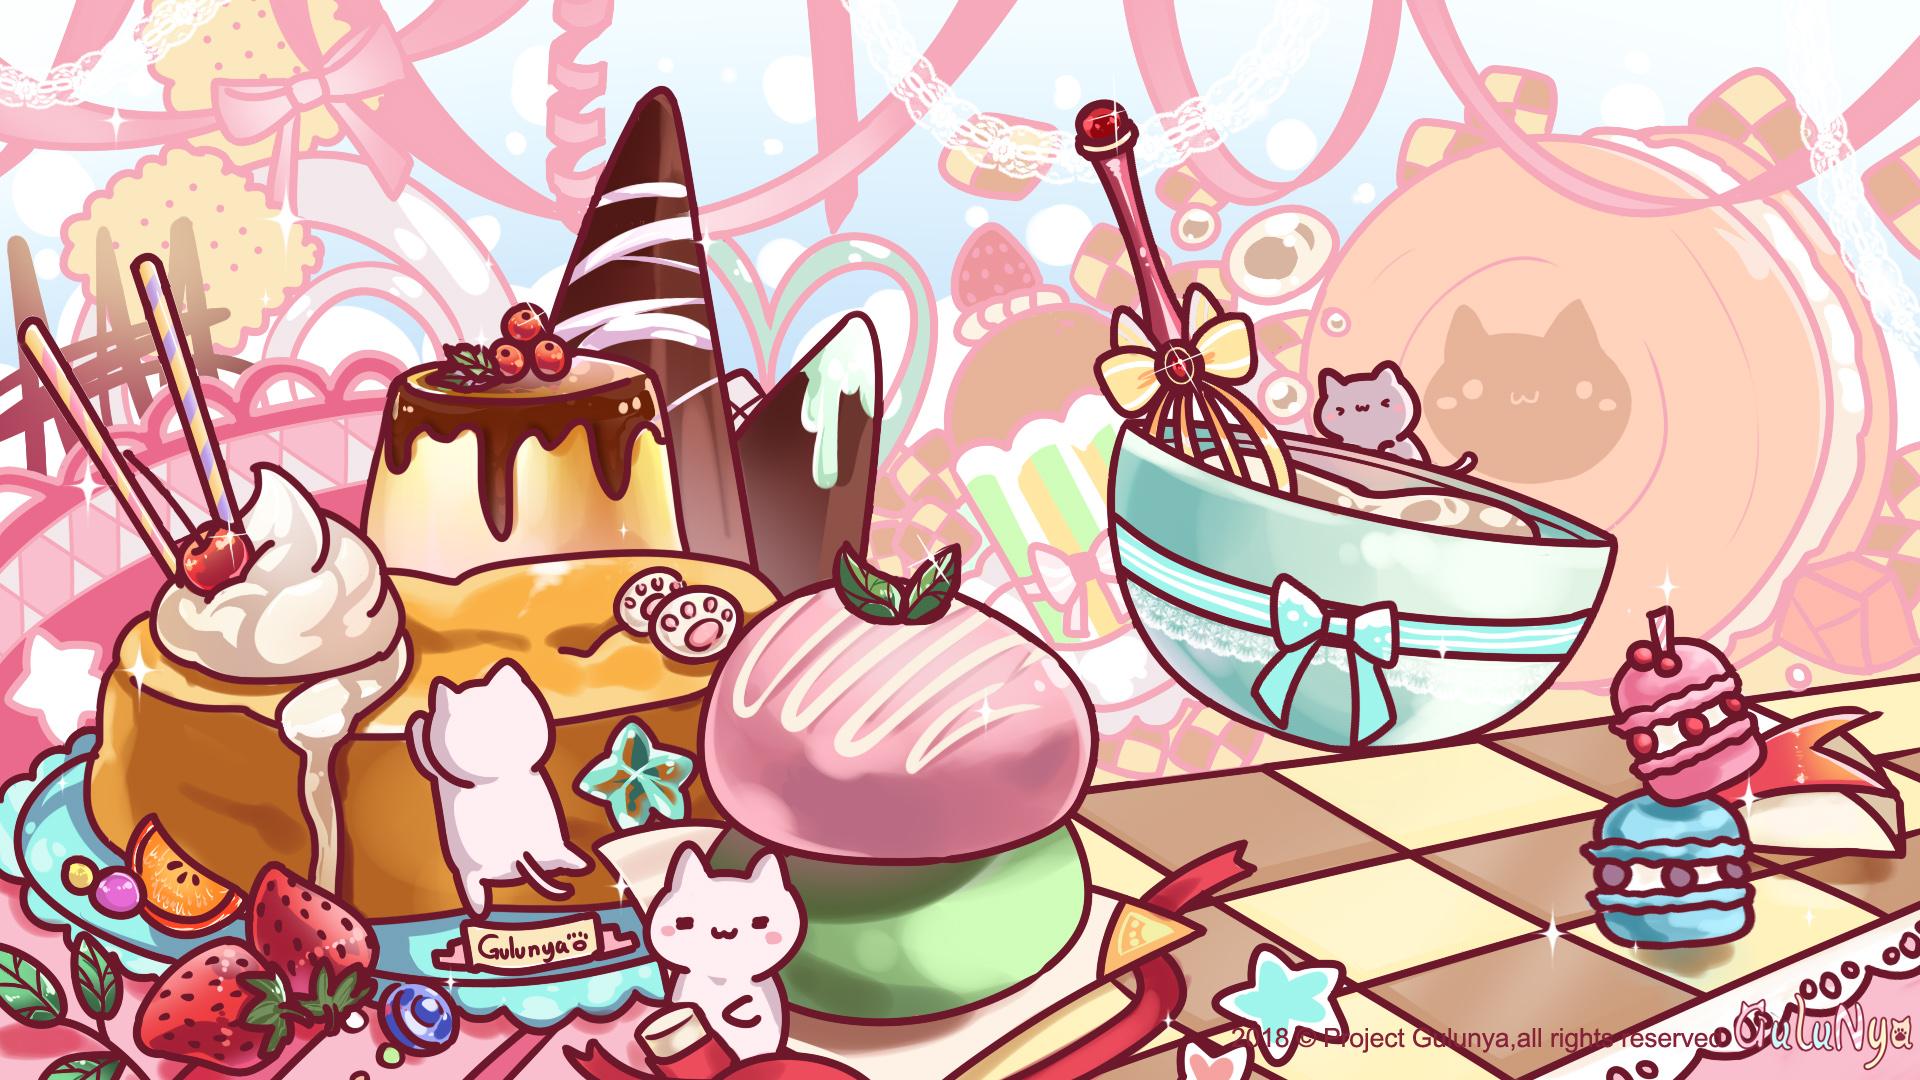 咕噜喵壁纸配布-甜点喵